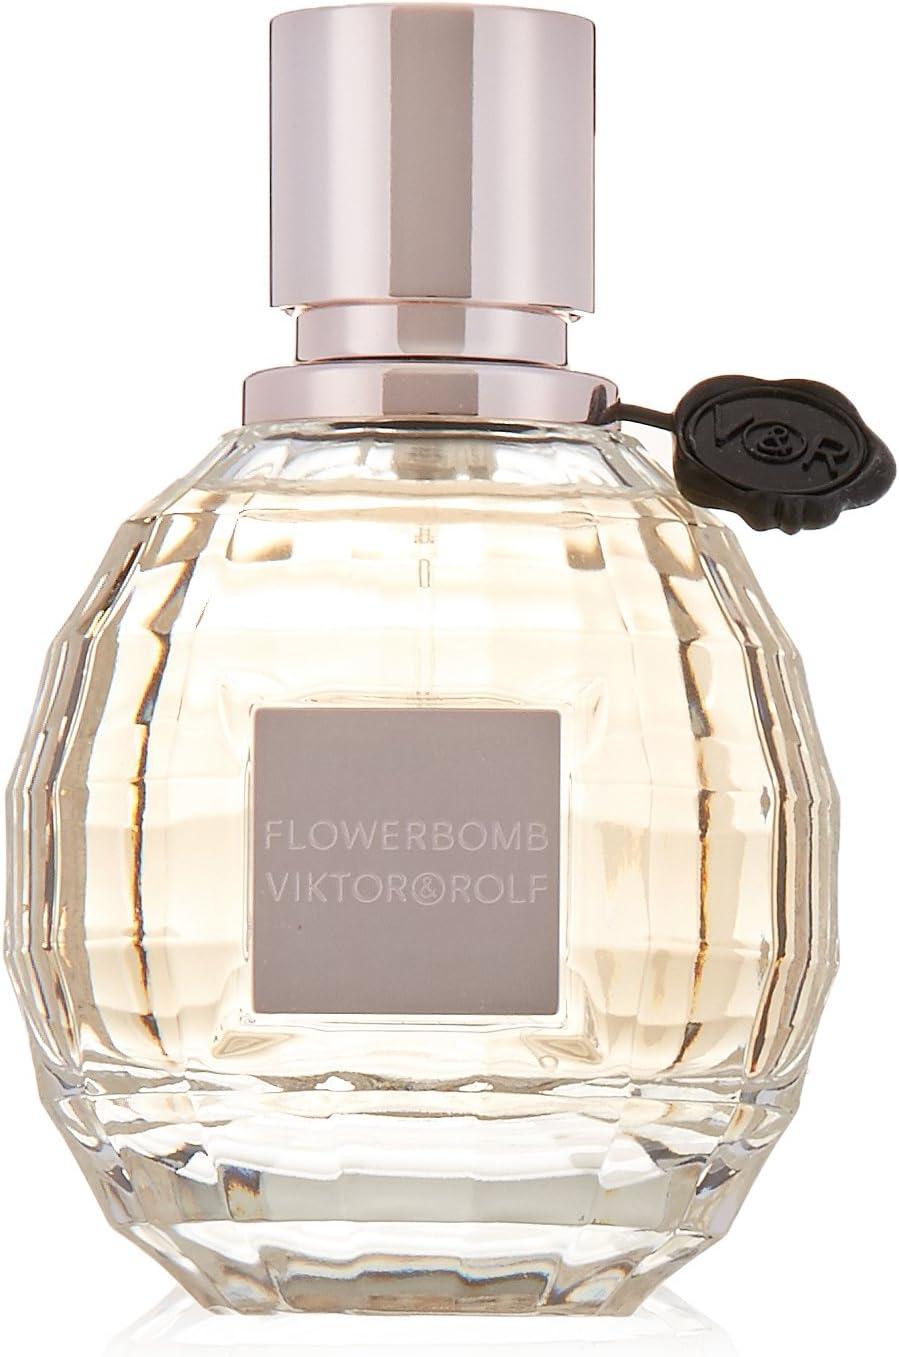 Flowerbomb by Viktor & Rolf Eau De Toilette Spray 1.7 oz / 50 ml (Women)